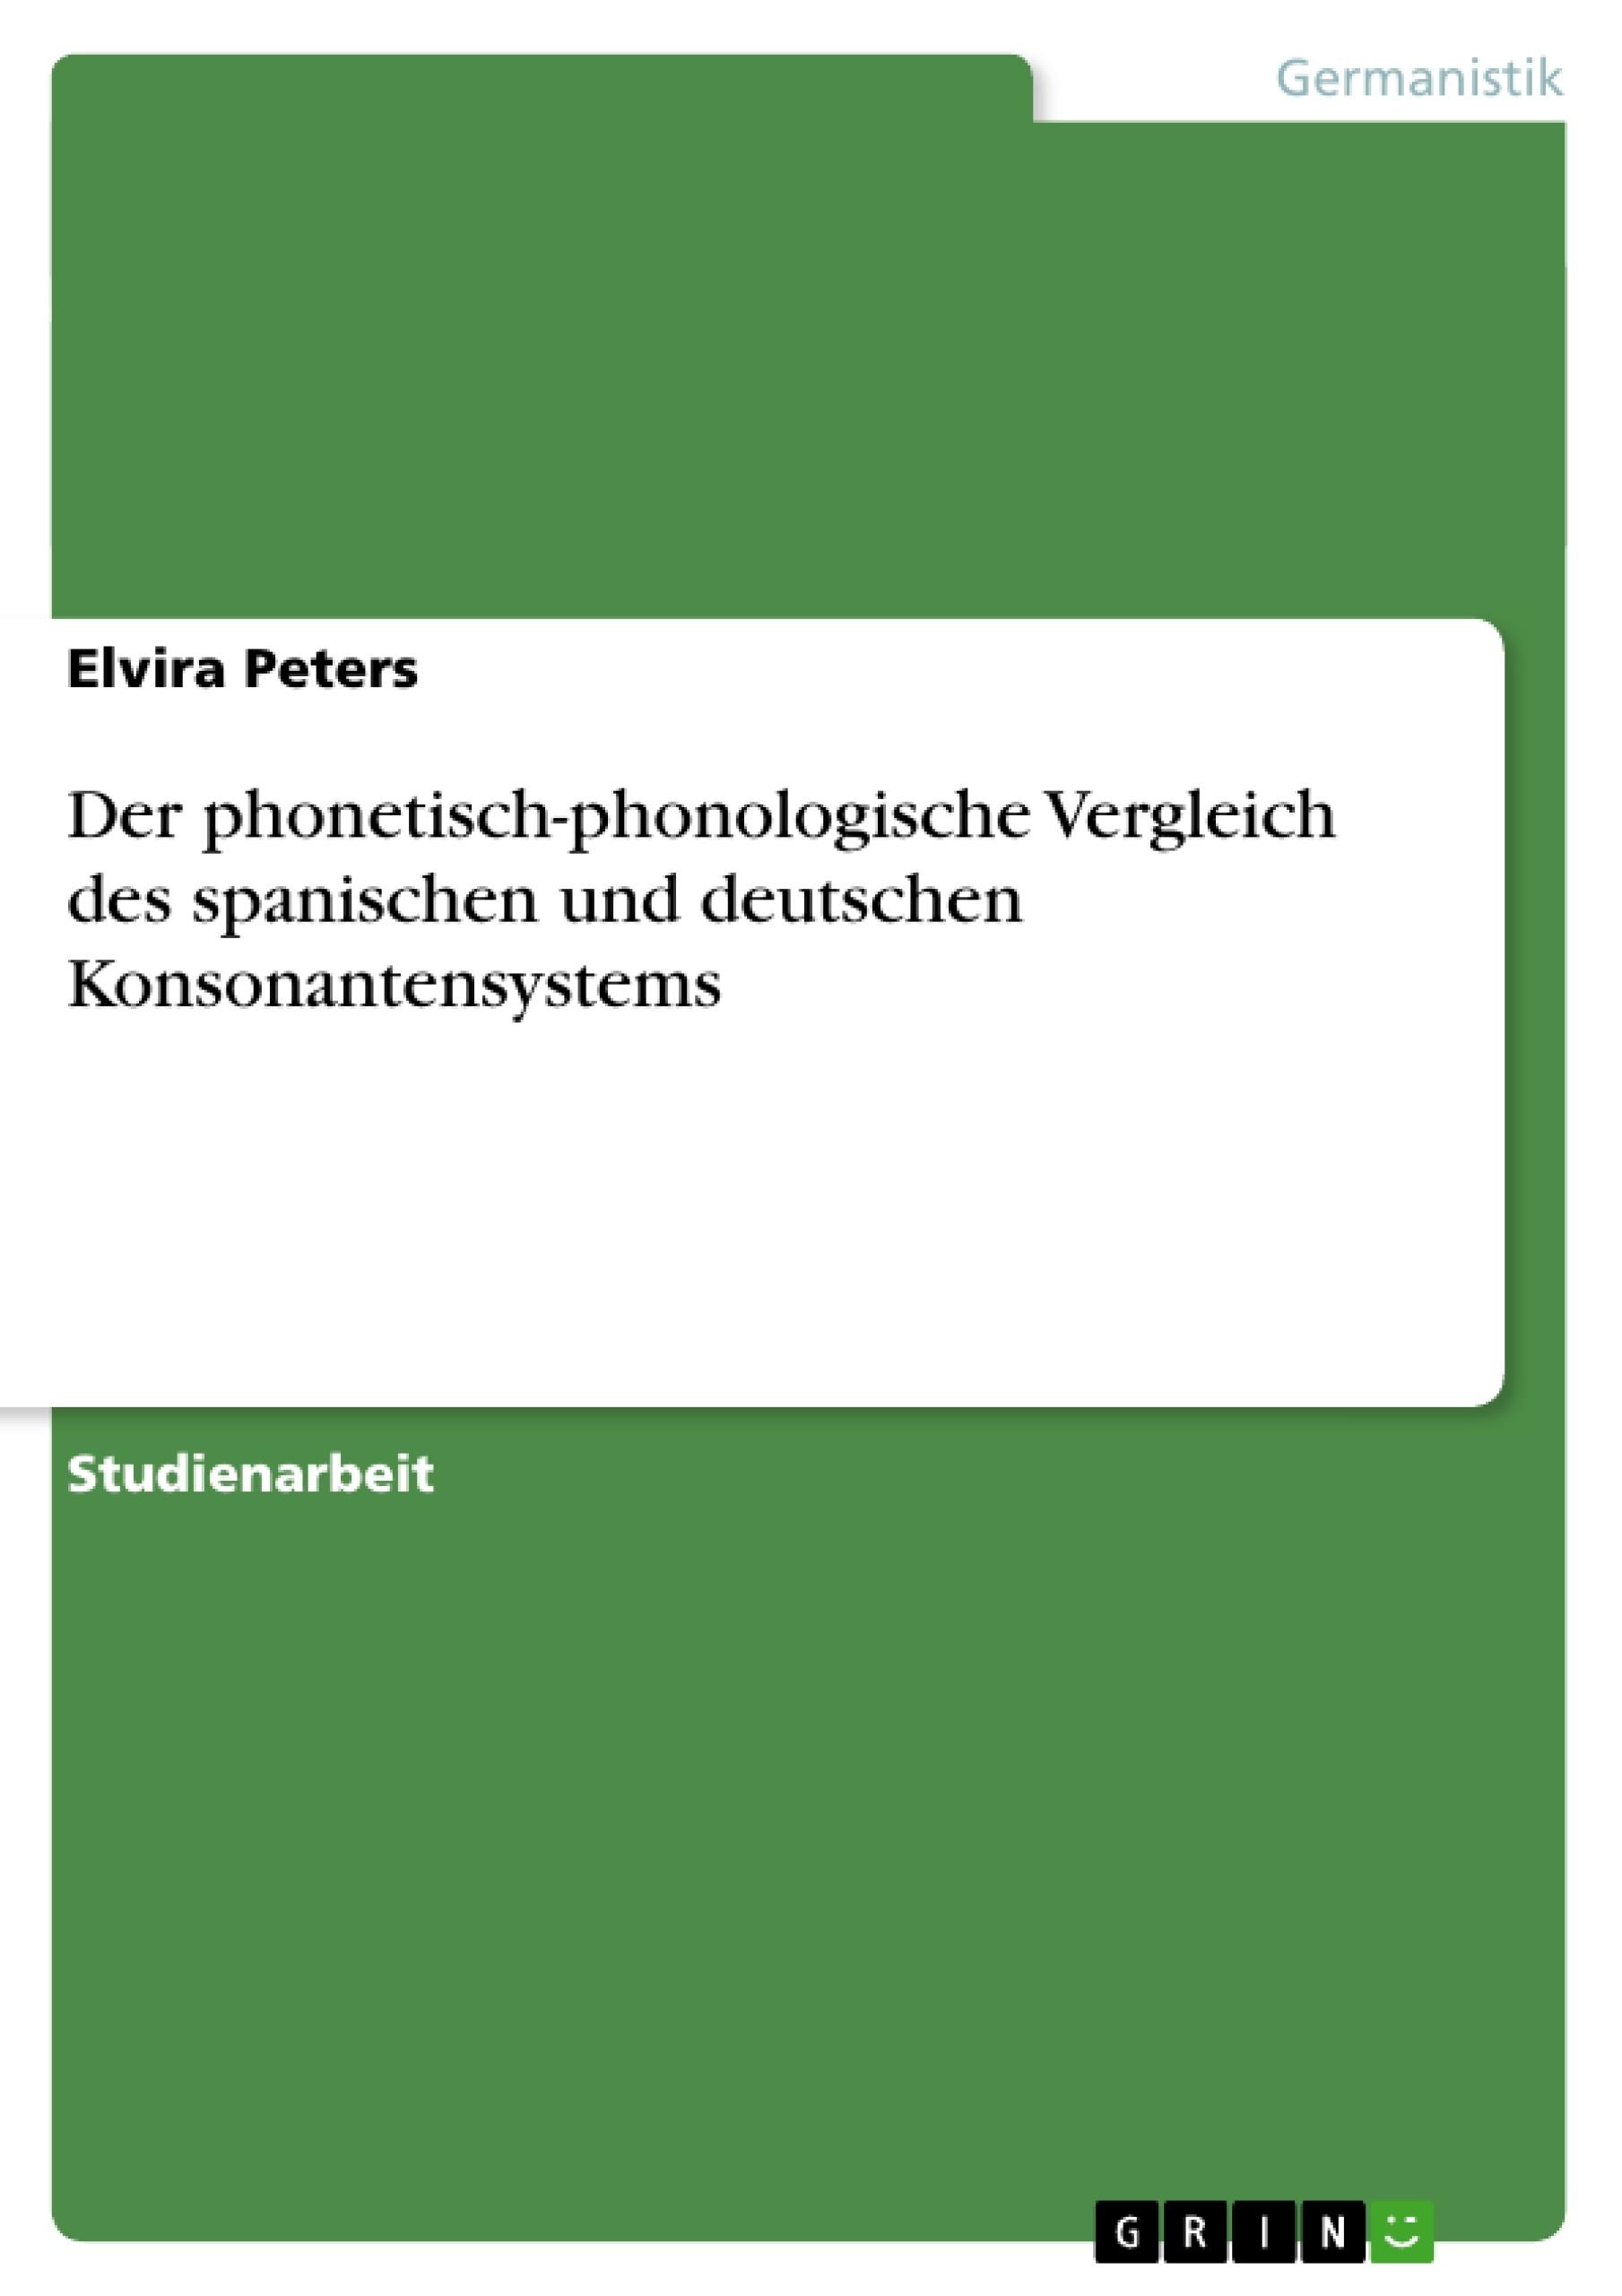 Titel: Der phonetisch-phonologische Vergleich des spanischen und deutschen Konsonantensystems